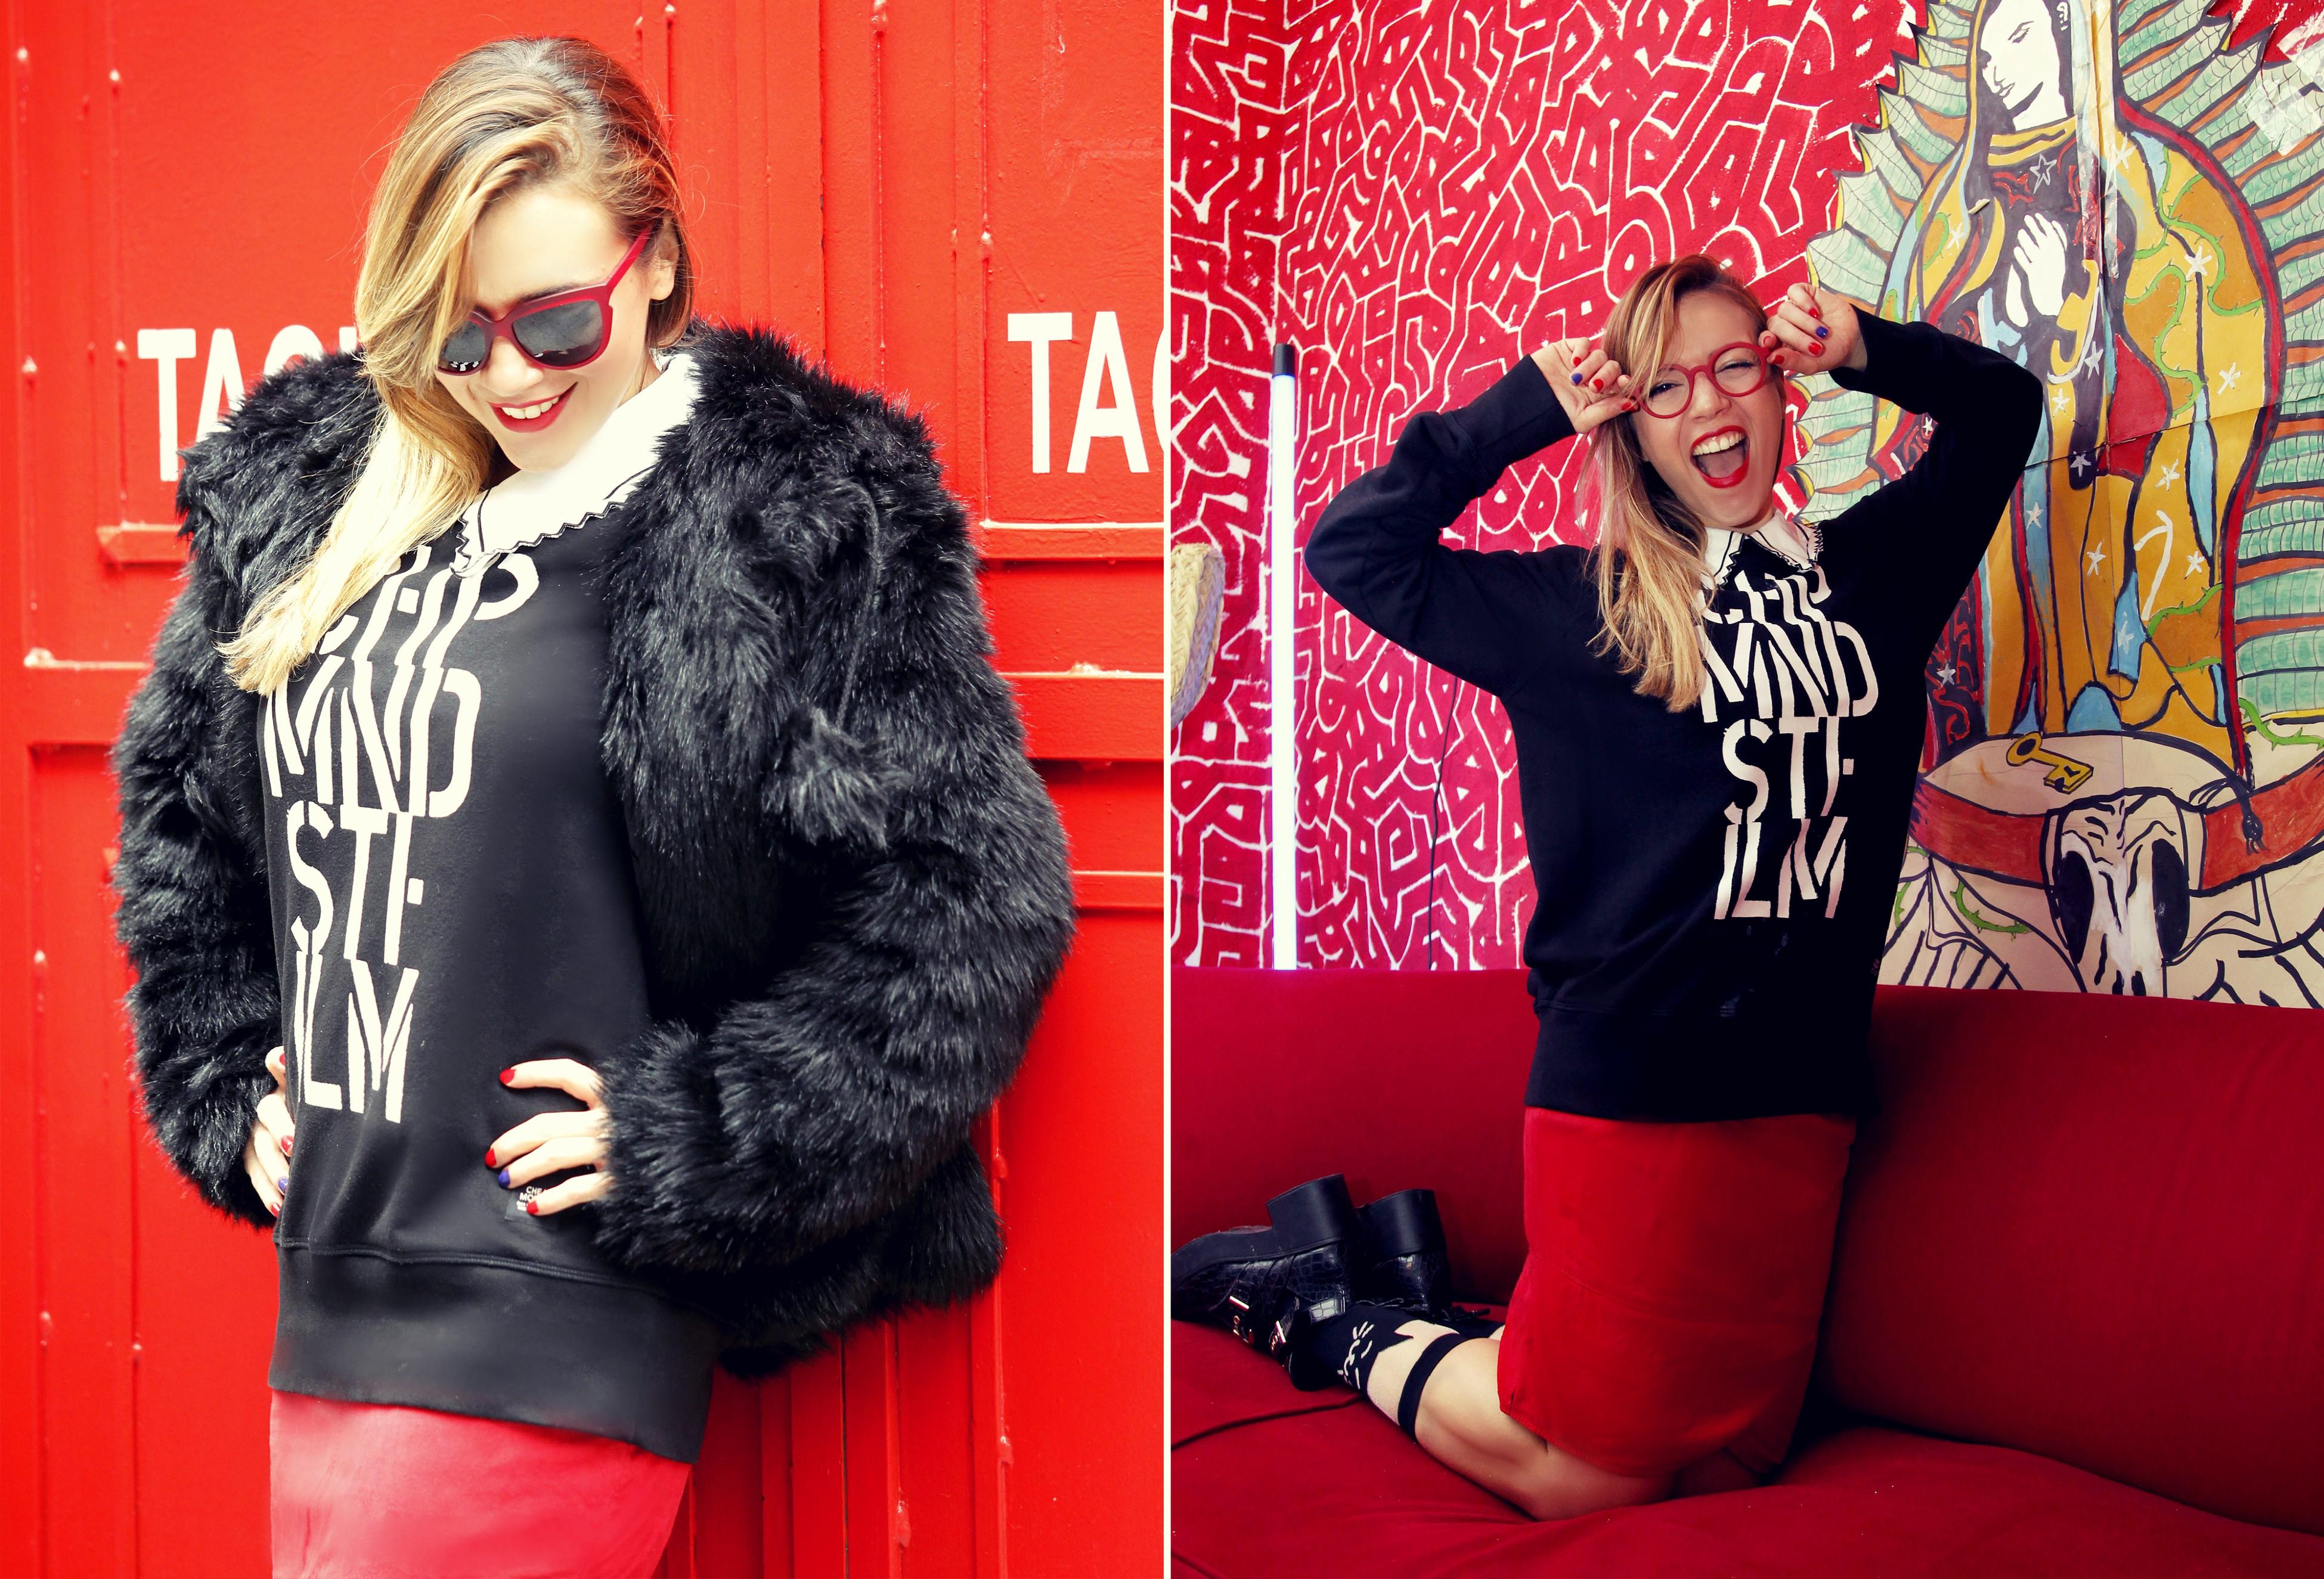 Blog-de-moda-ChicAdicta-fashionista-neubau-gafas-Chic-Adicta-vintage-style-red-look-sudaderas-CheapMonday-PiensaenChic-Piensa-en-Chic